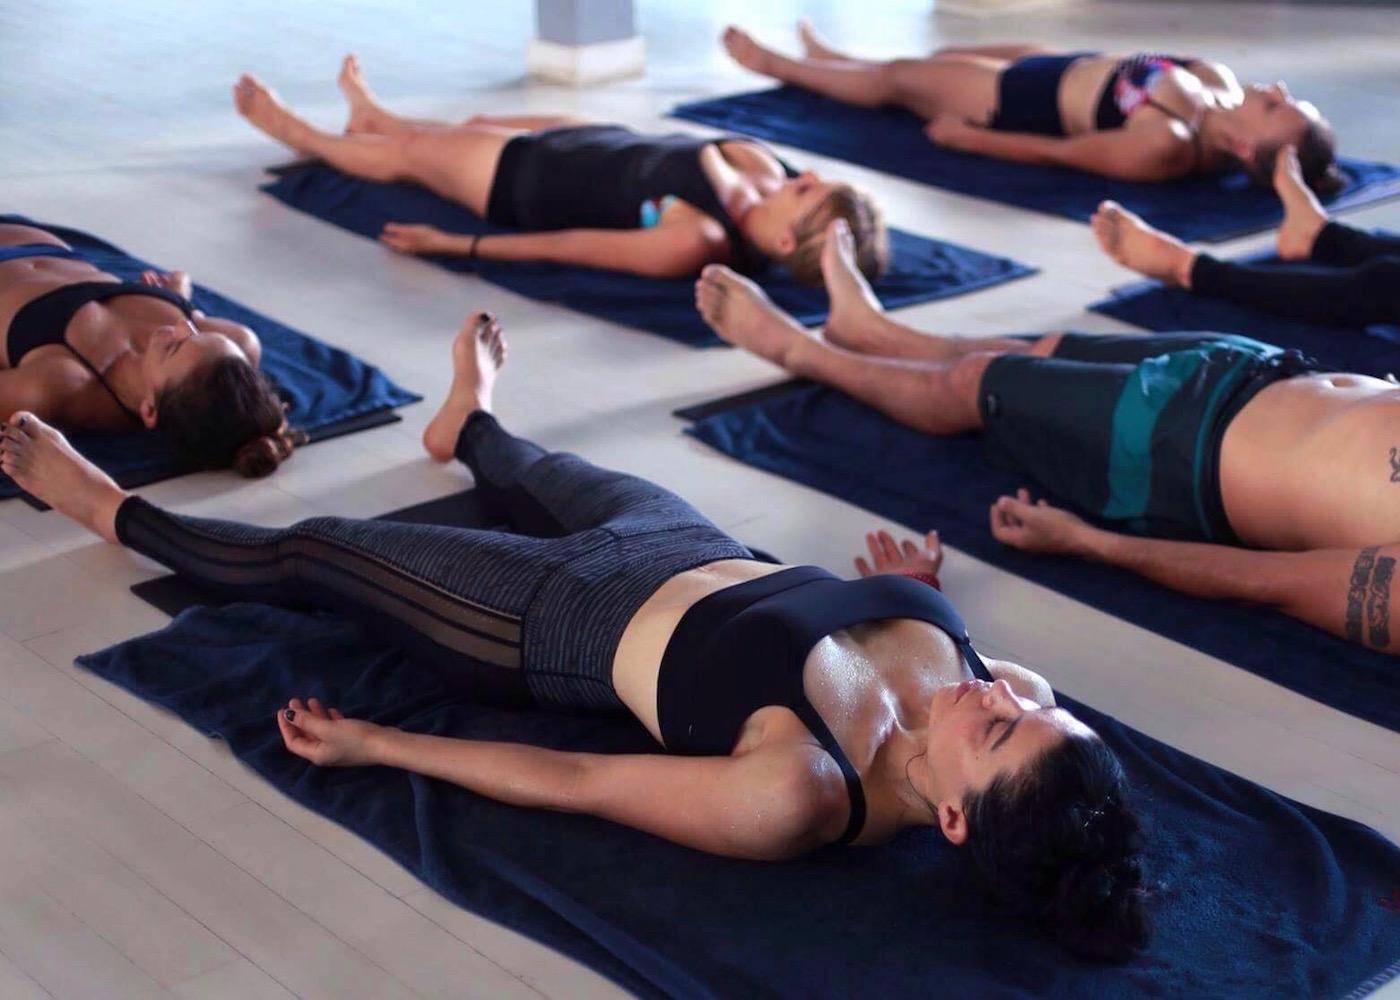 Yogis at Jiwa Yoga studio in Seminyak, Bali, Indonesia